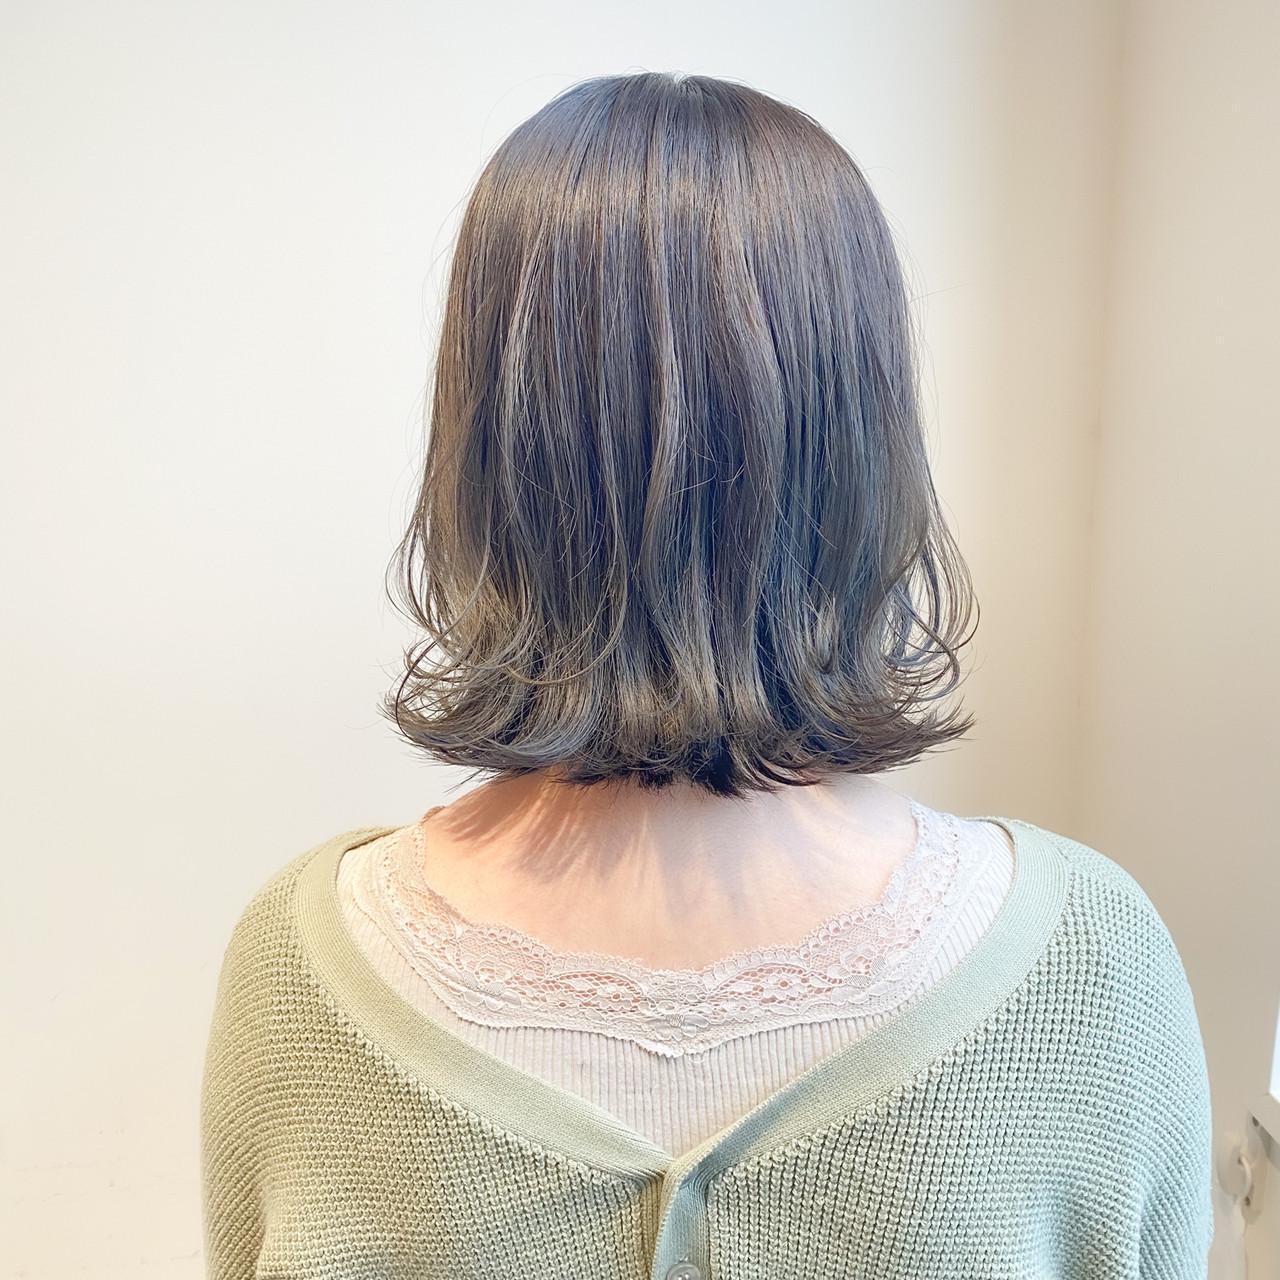 透明感カラー オリーブグレージュ インナーカラー ブリーチなし ヘアスタイルや髪型の写真・画像   村西 郁人 / rue